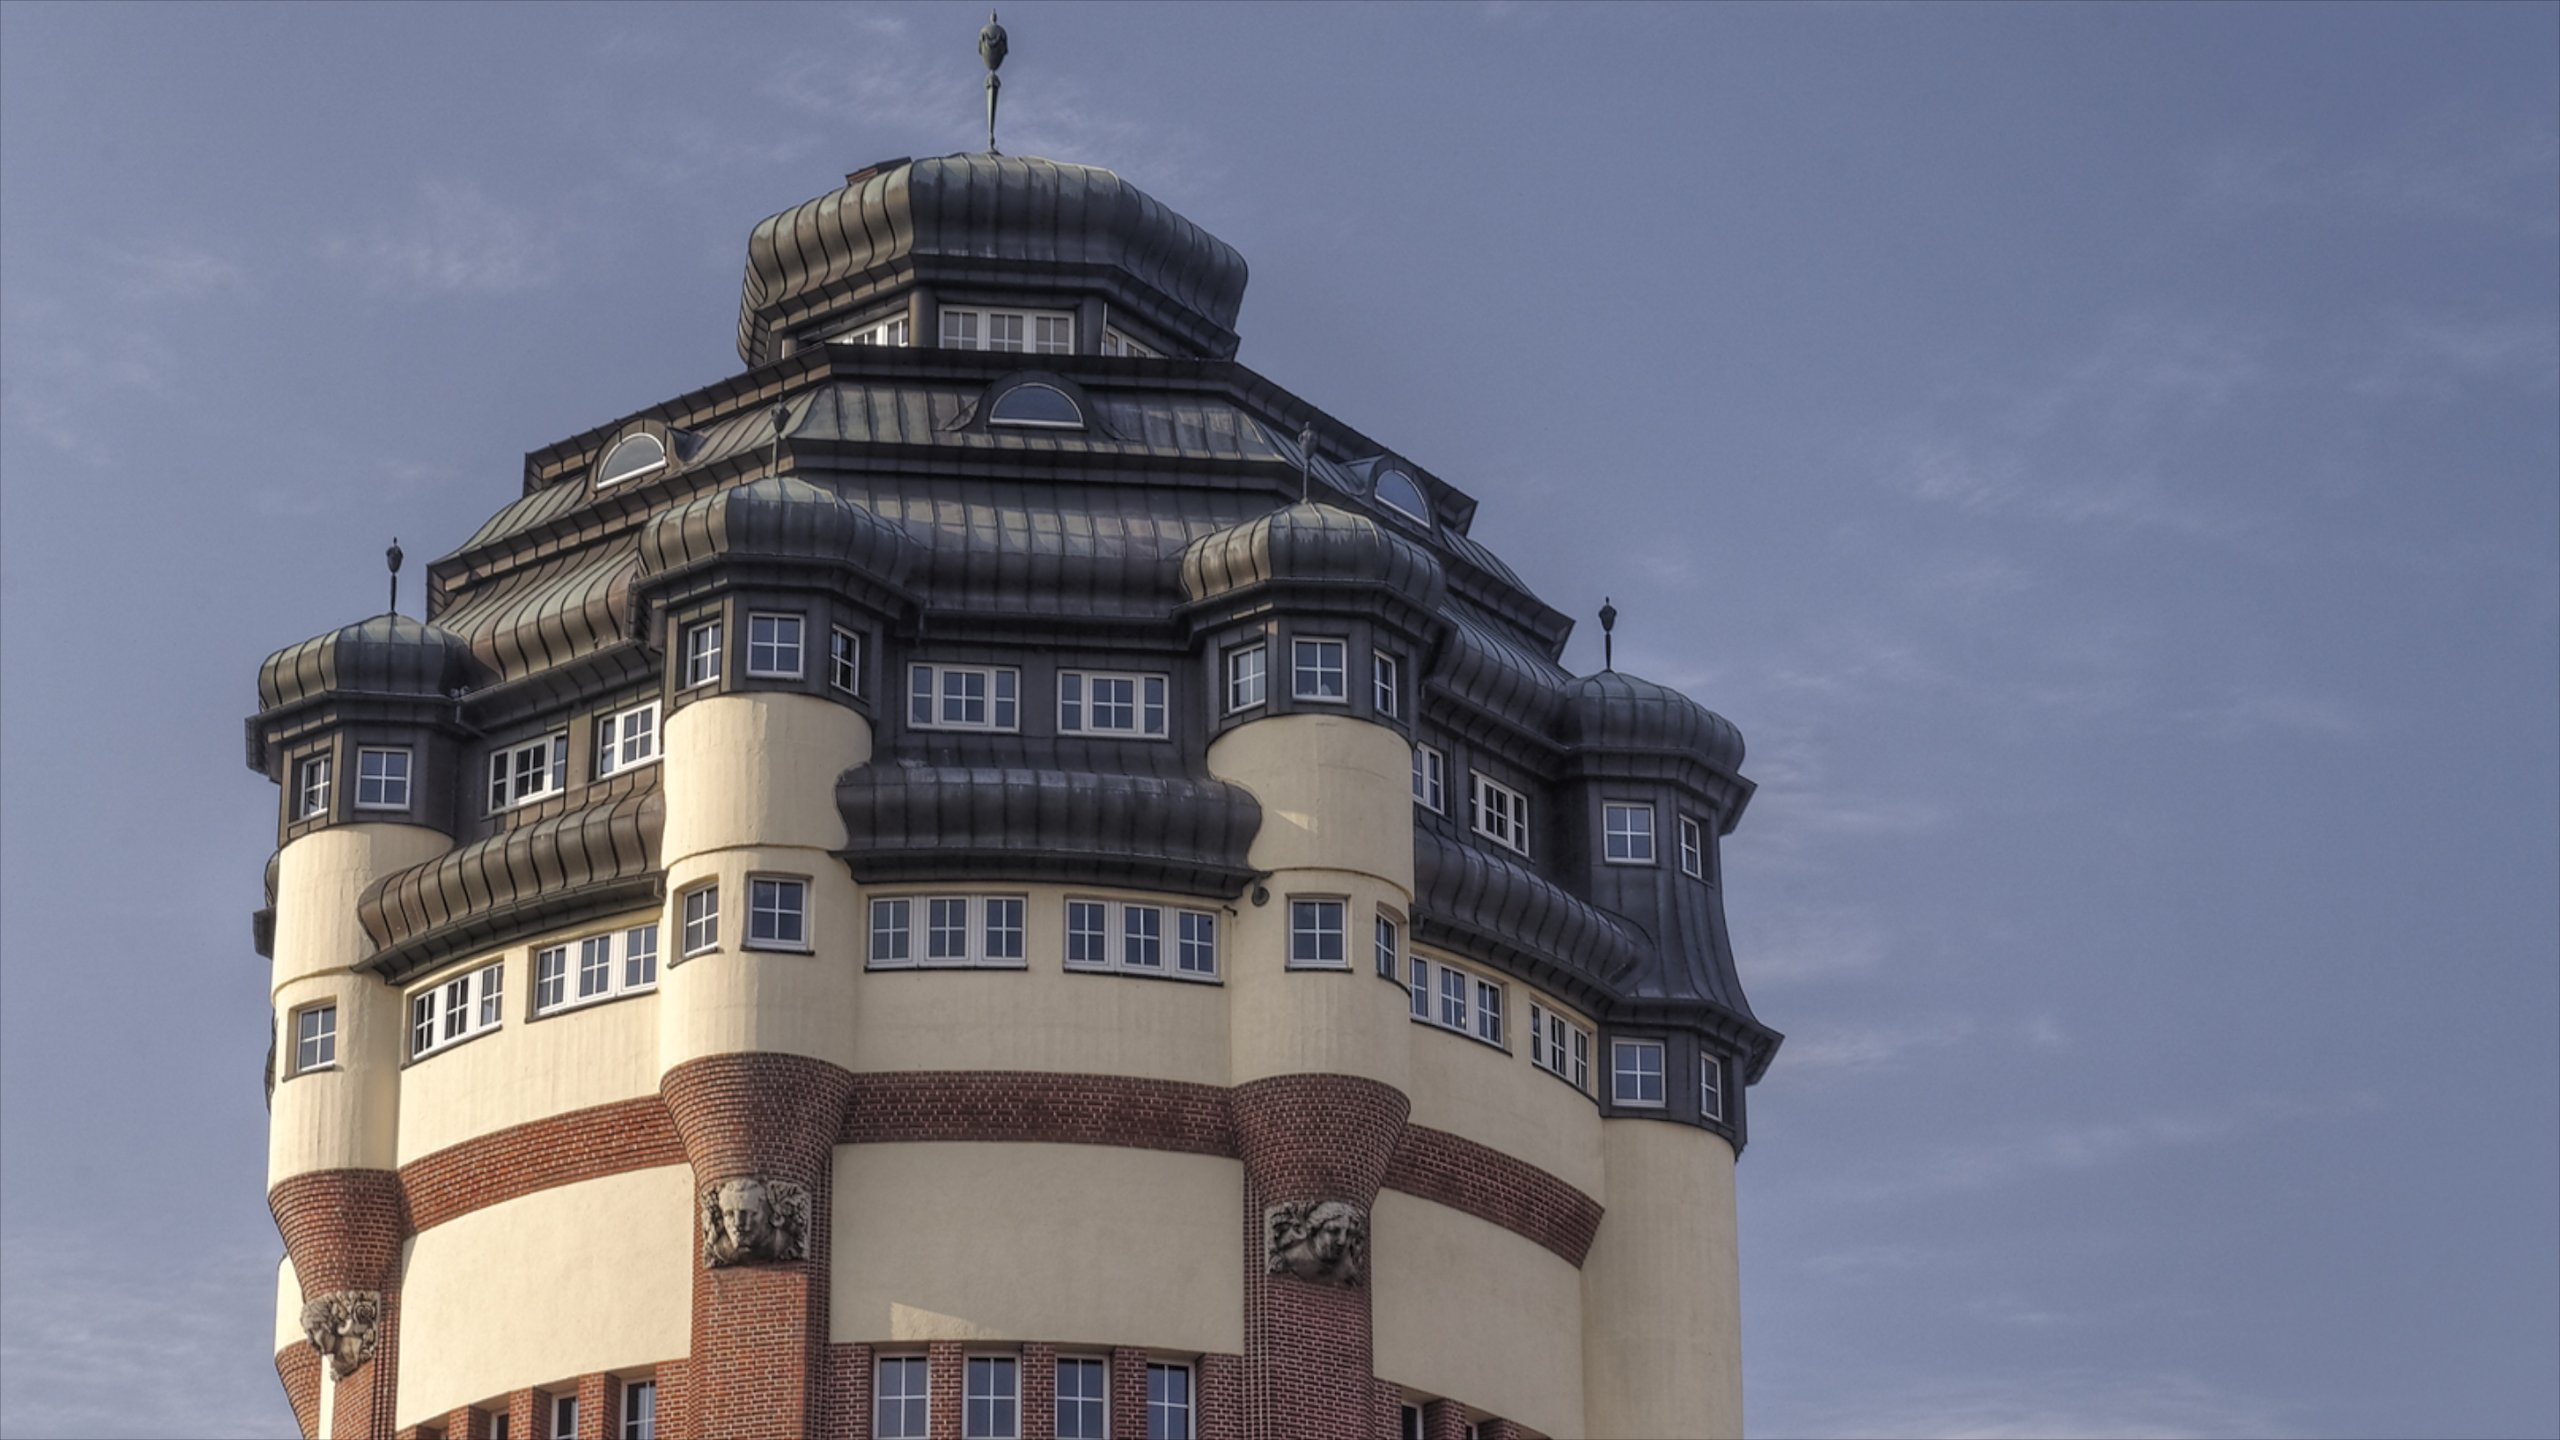 District de Düsseldorf, Rhénanie-du-Nord-Westphalie, Allemagne